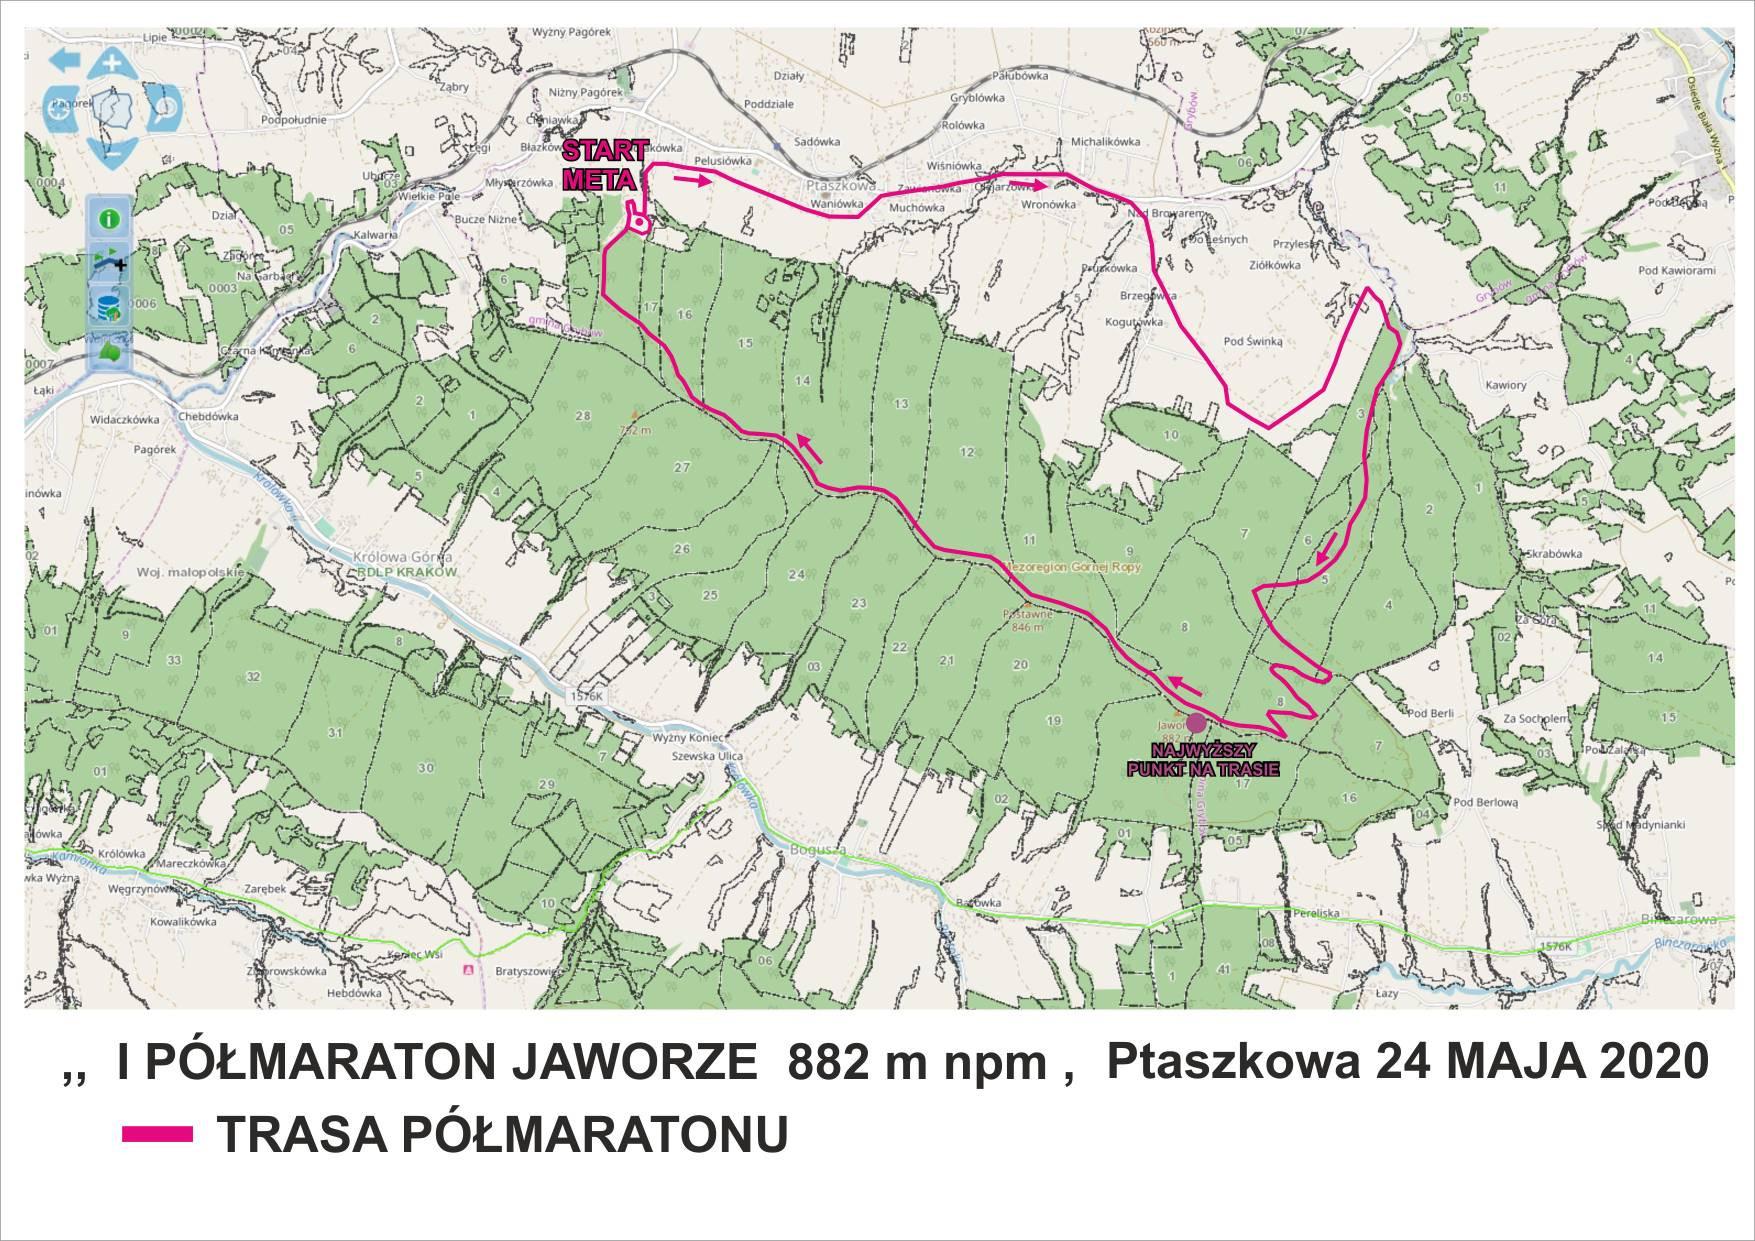 MAPA PTASZKOWA_resized_20200121_063424278